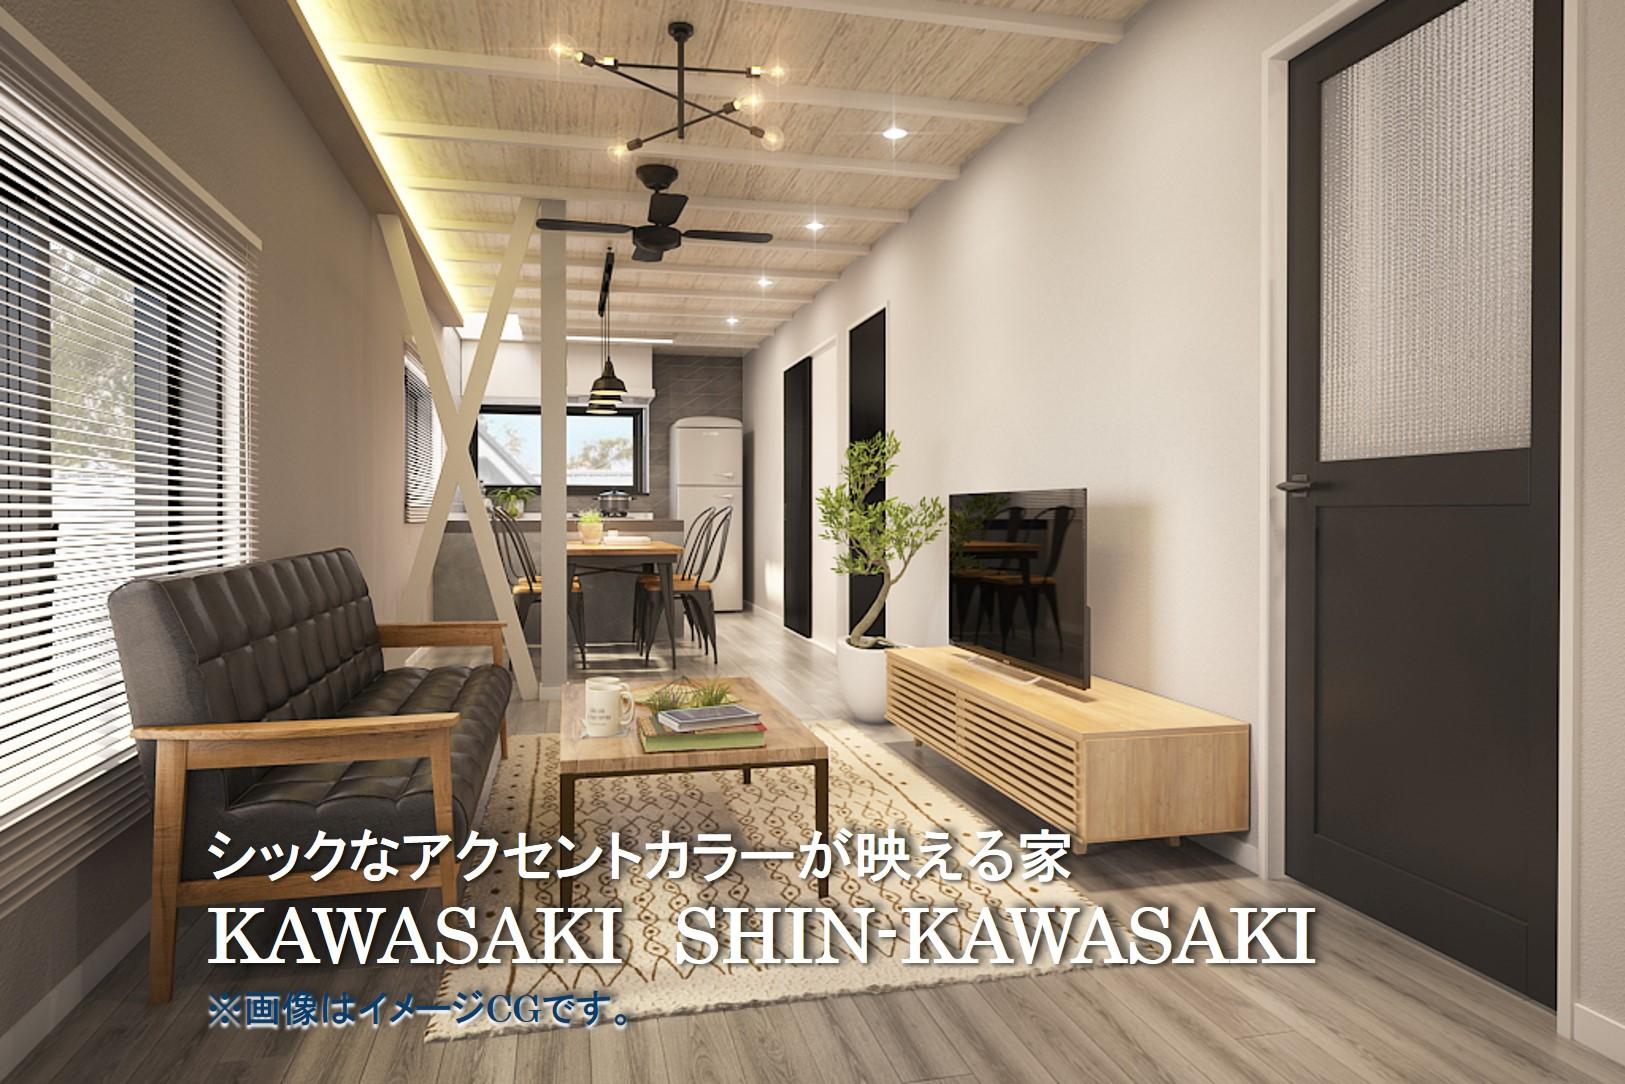 シックなアクセントカラーが映える家 KAWASAKI SHIN-KAWASAKI